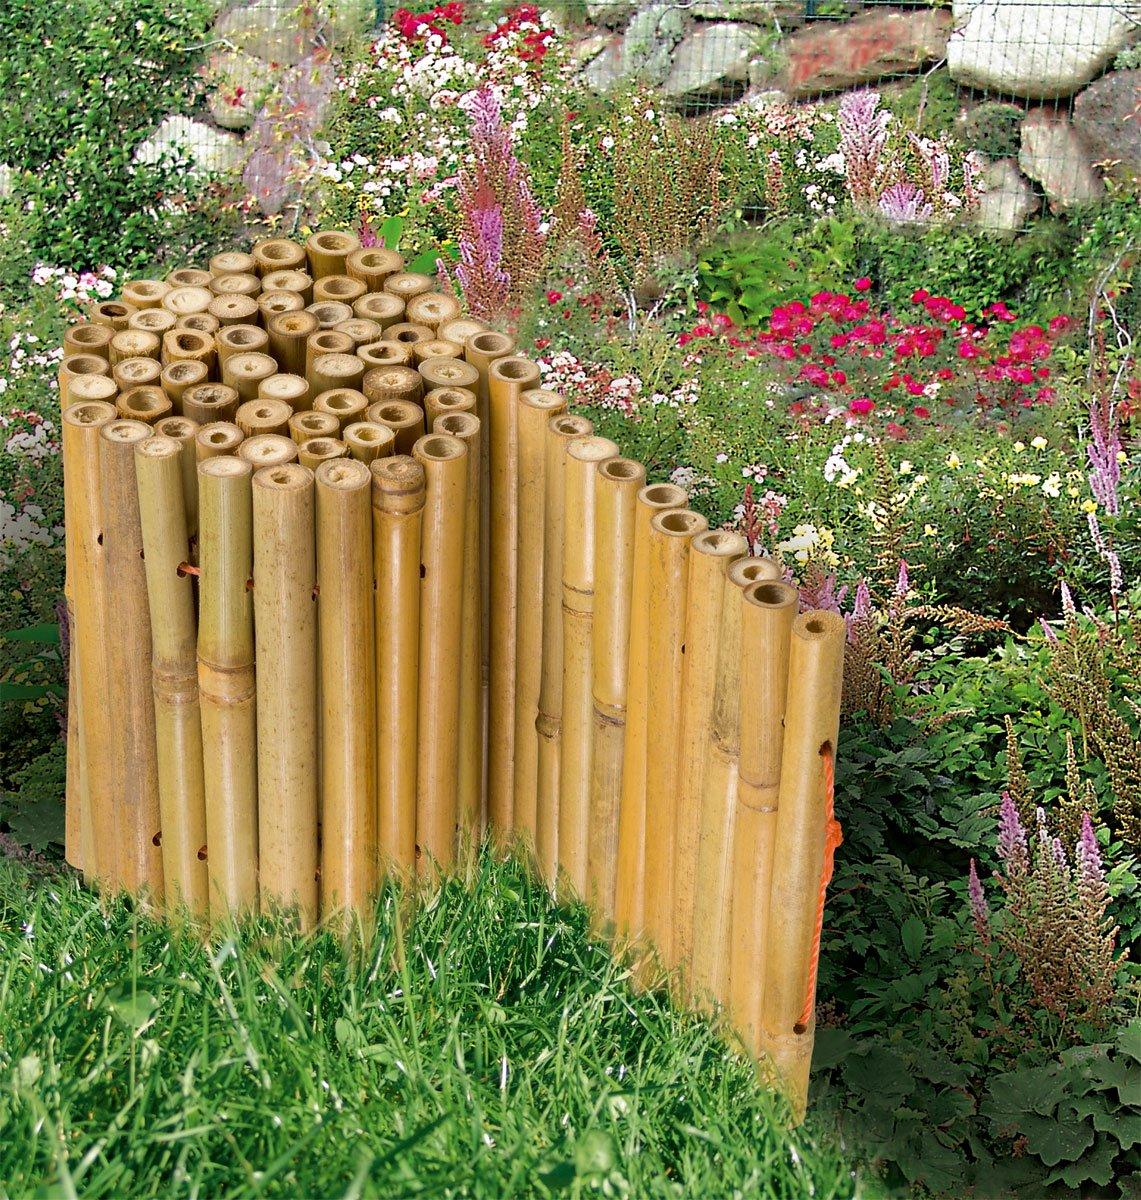 Gardulet din bambus - Verdon